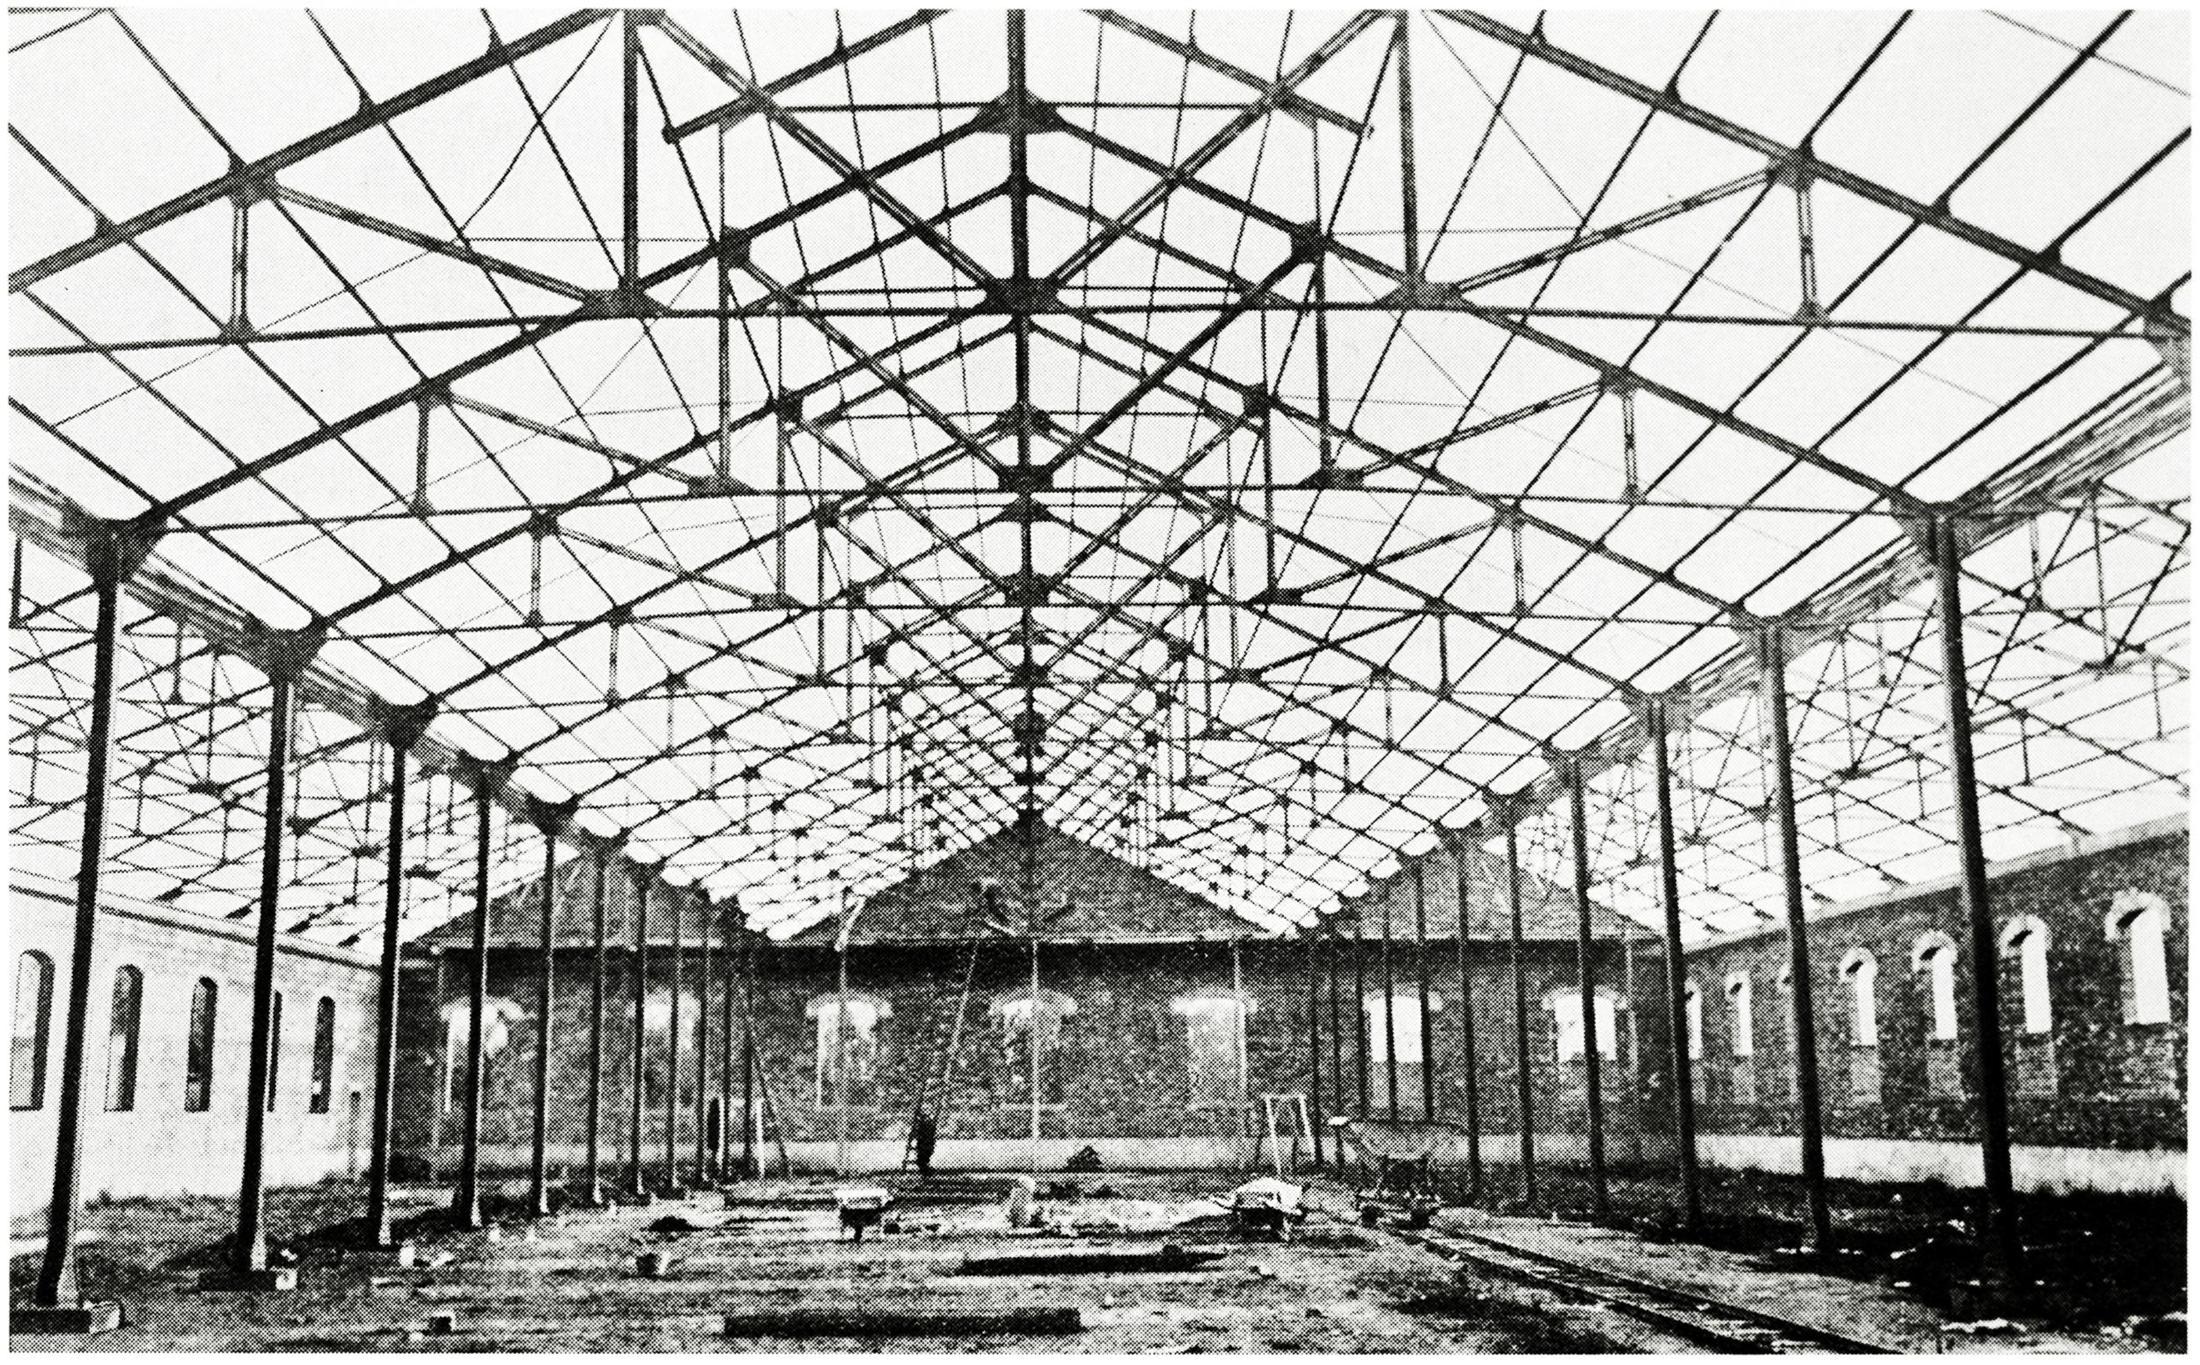 Capriate per un fabbricato industriale a Rosignano Solvay - Livorno.